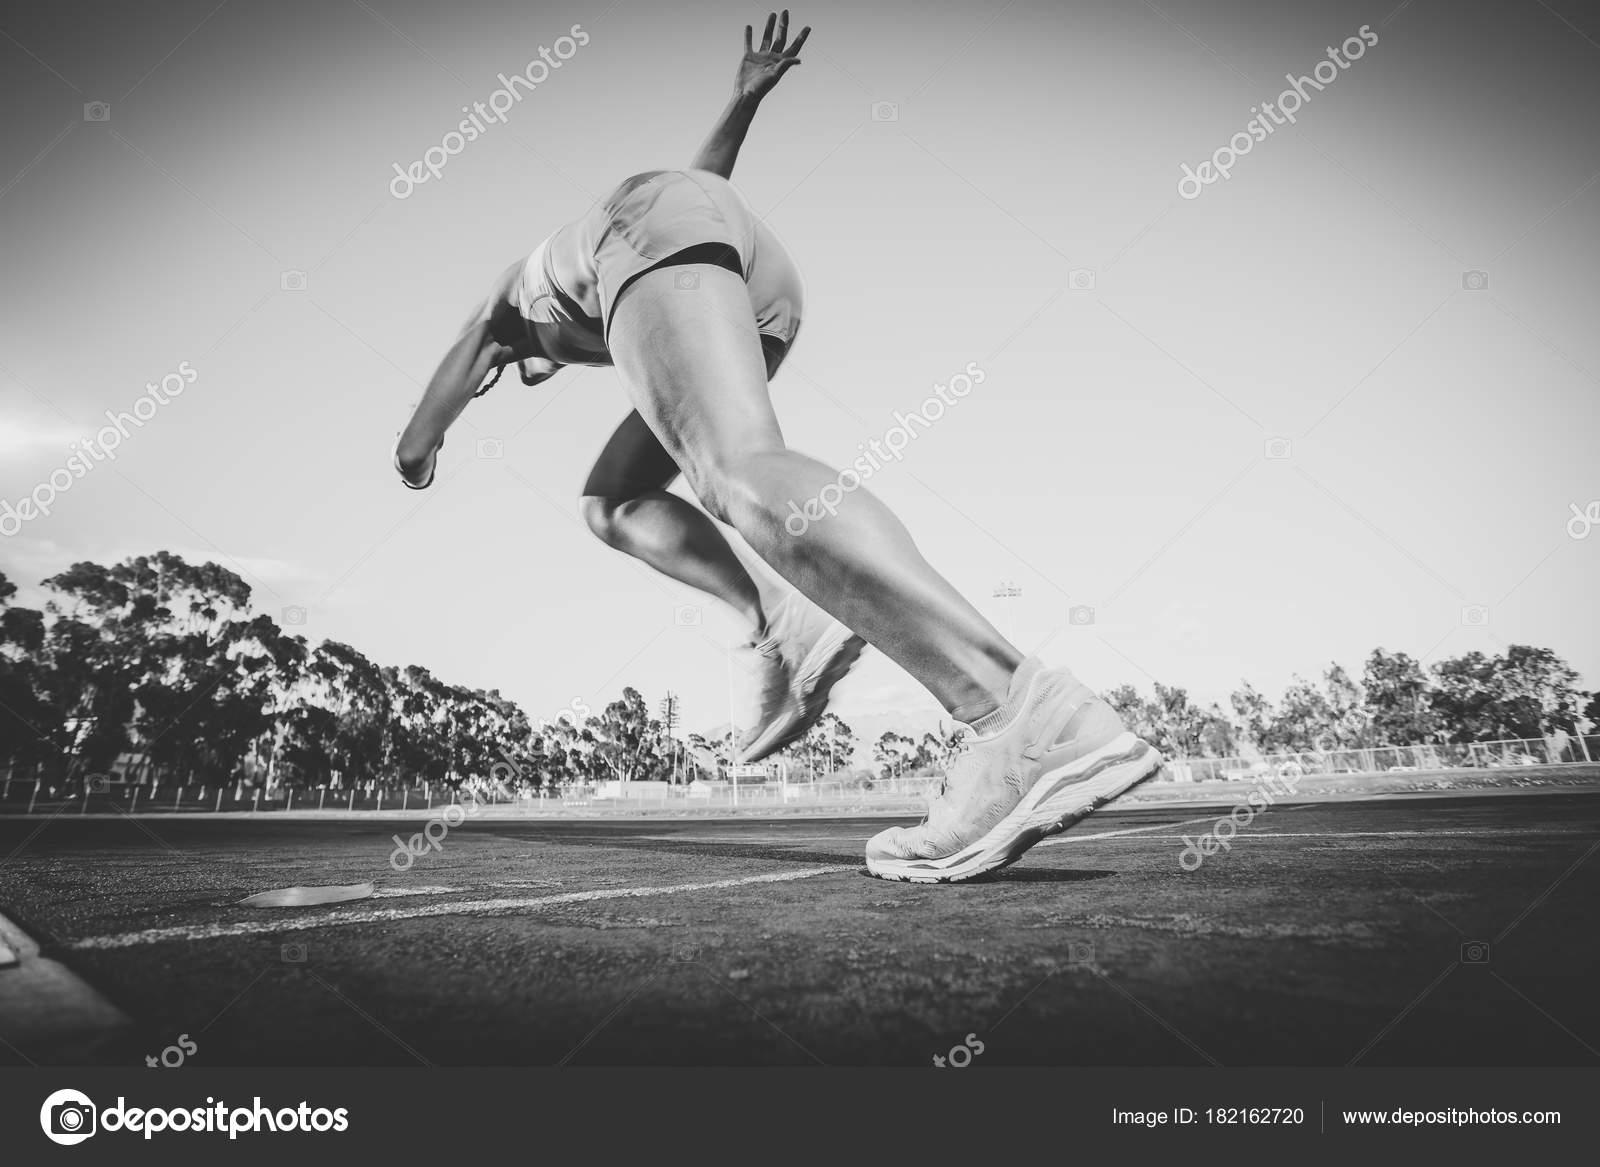 haute couture le plus en vogue guetter Athlète Modèle Piste Femme Fitness Sprint Sur Une Piste ...